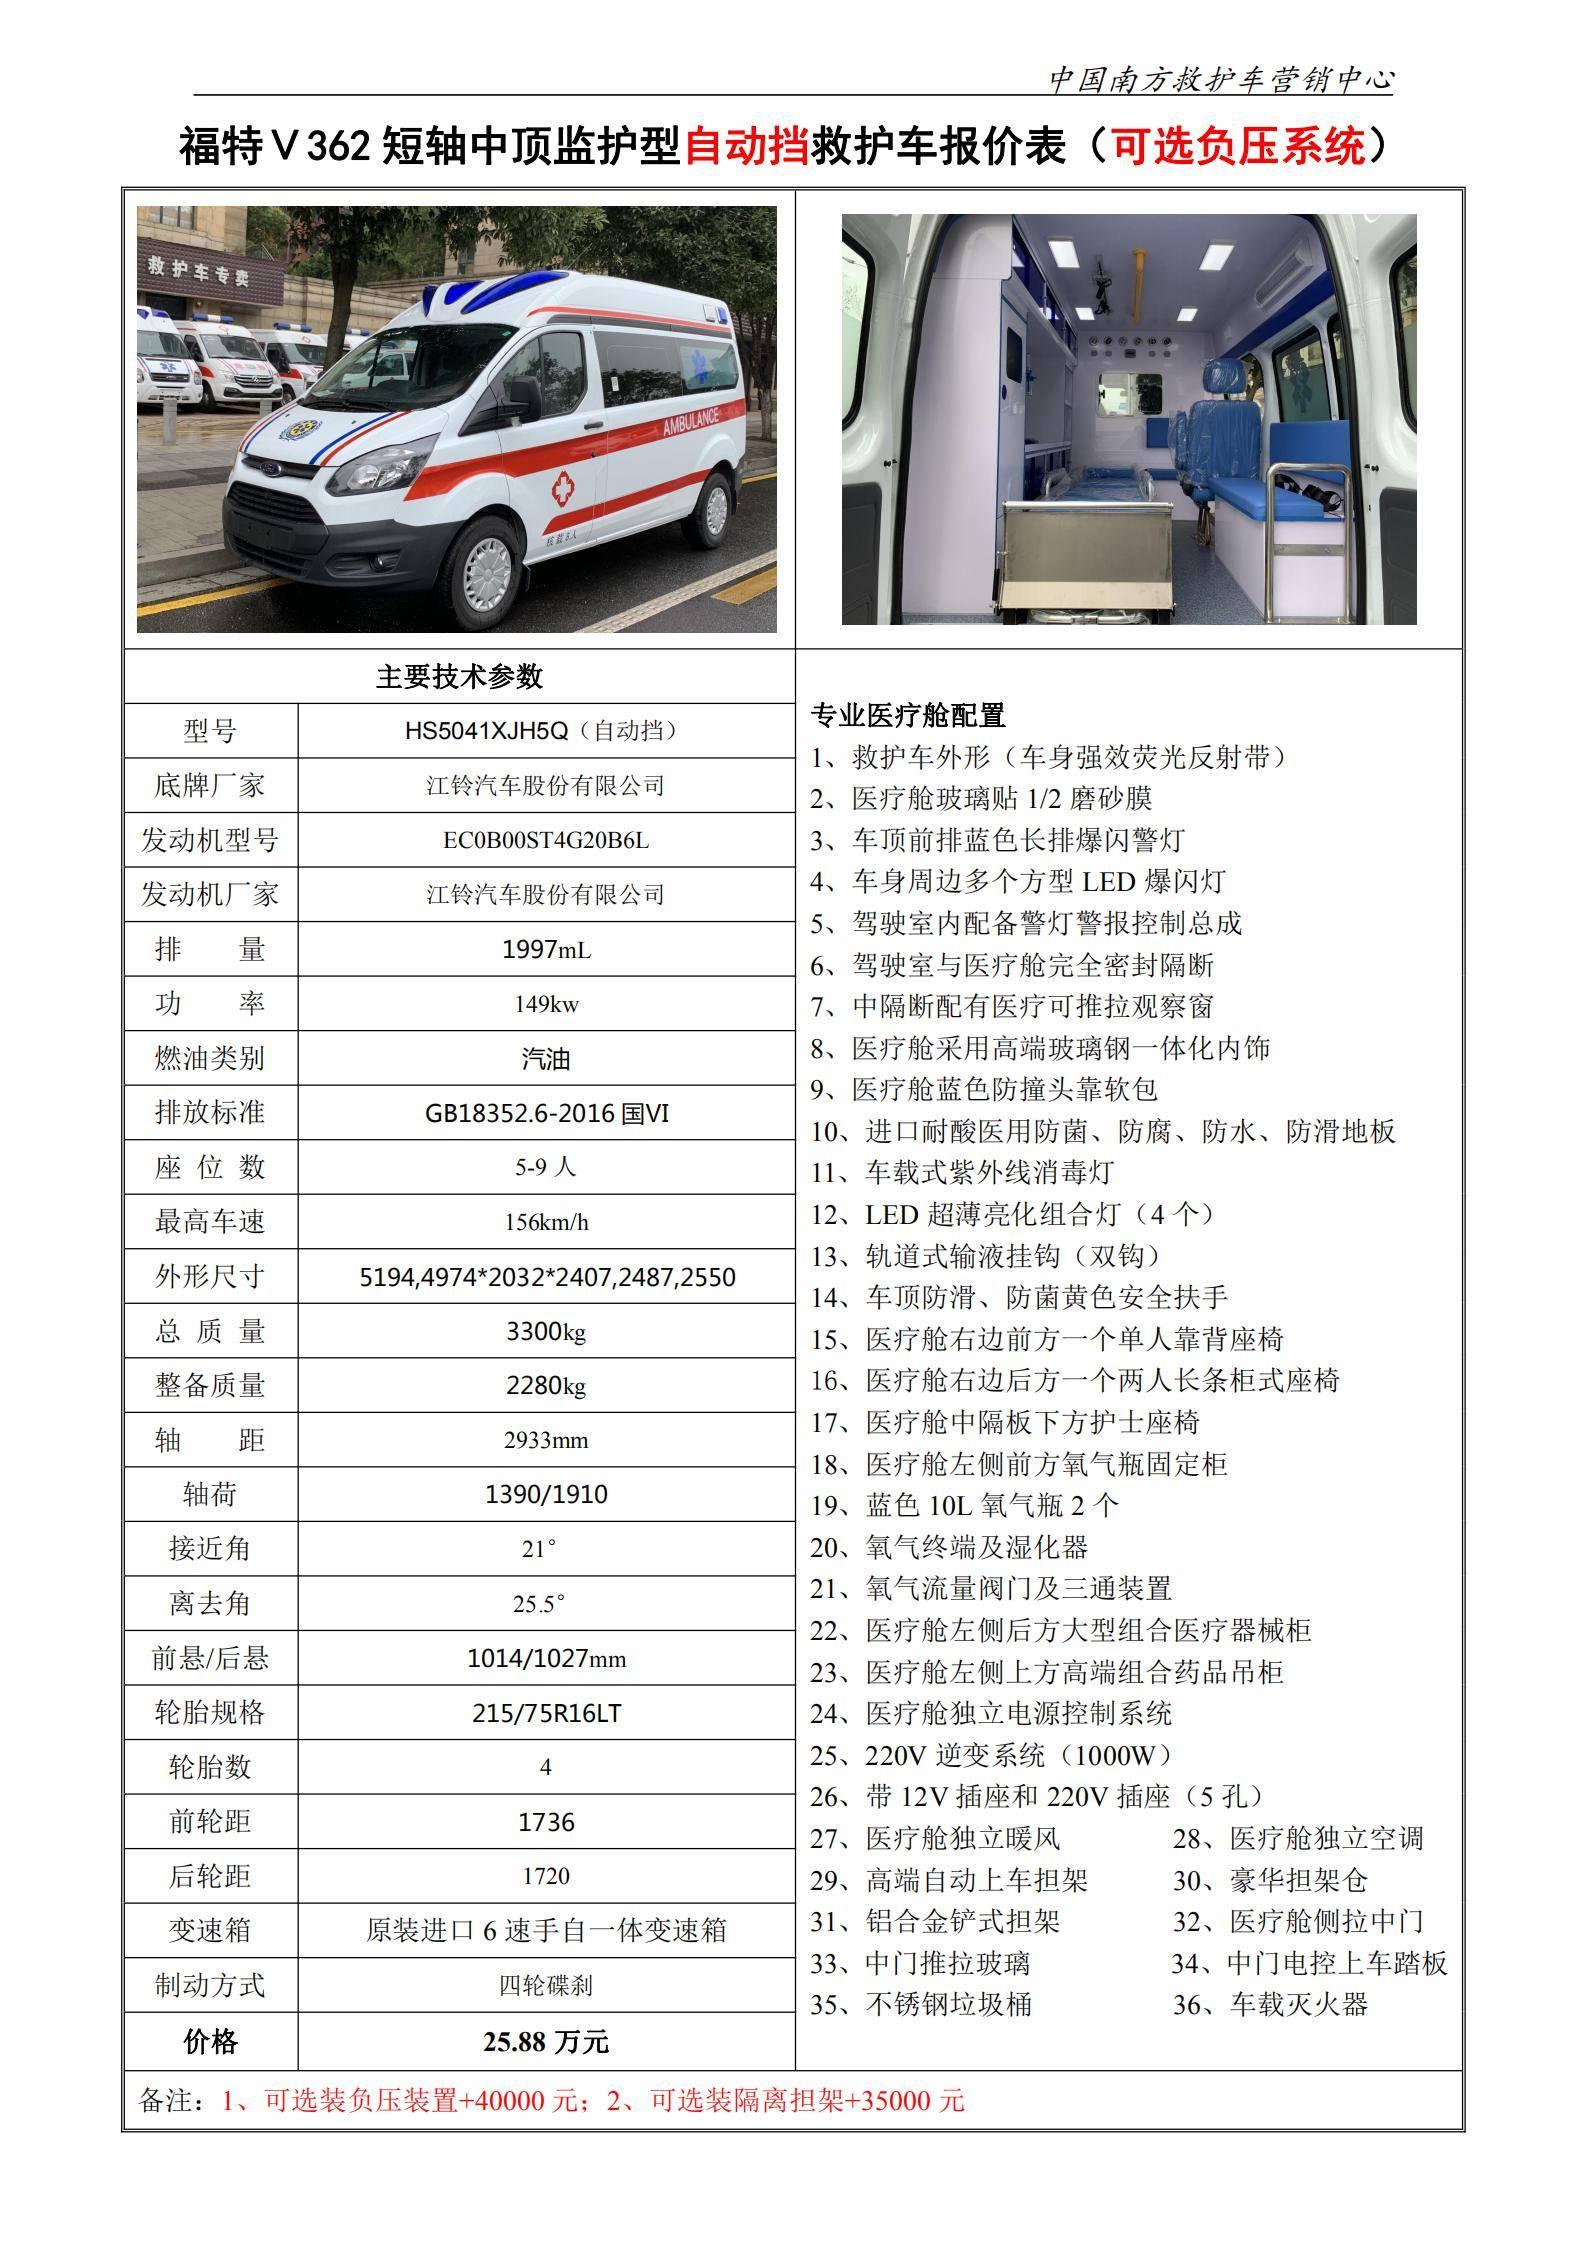 11、Ⅴ362短中汽油监护型救护车(自动